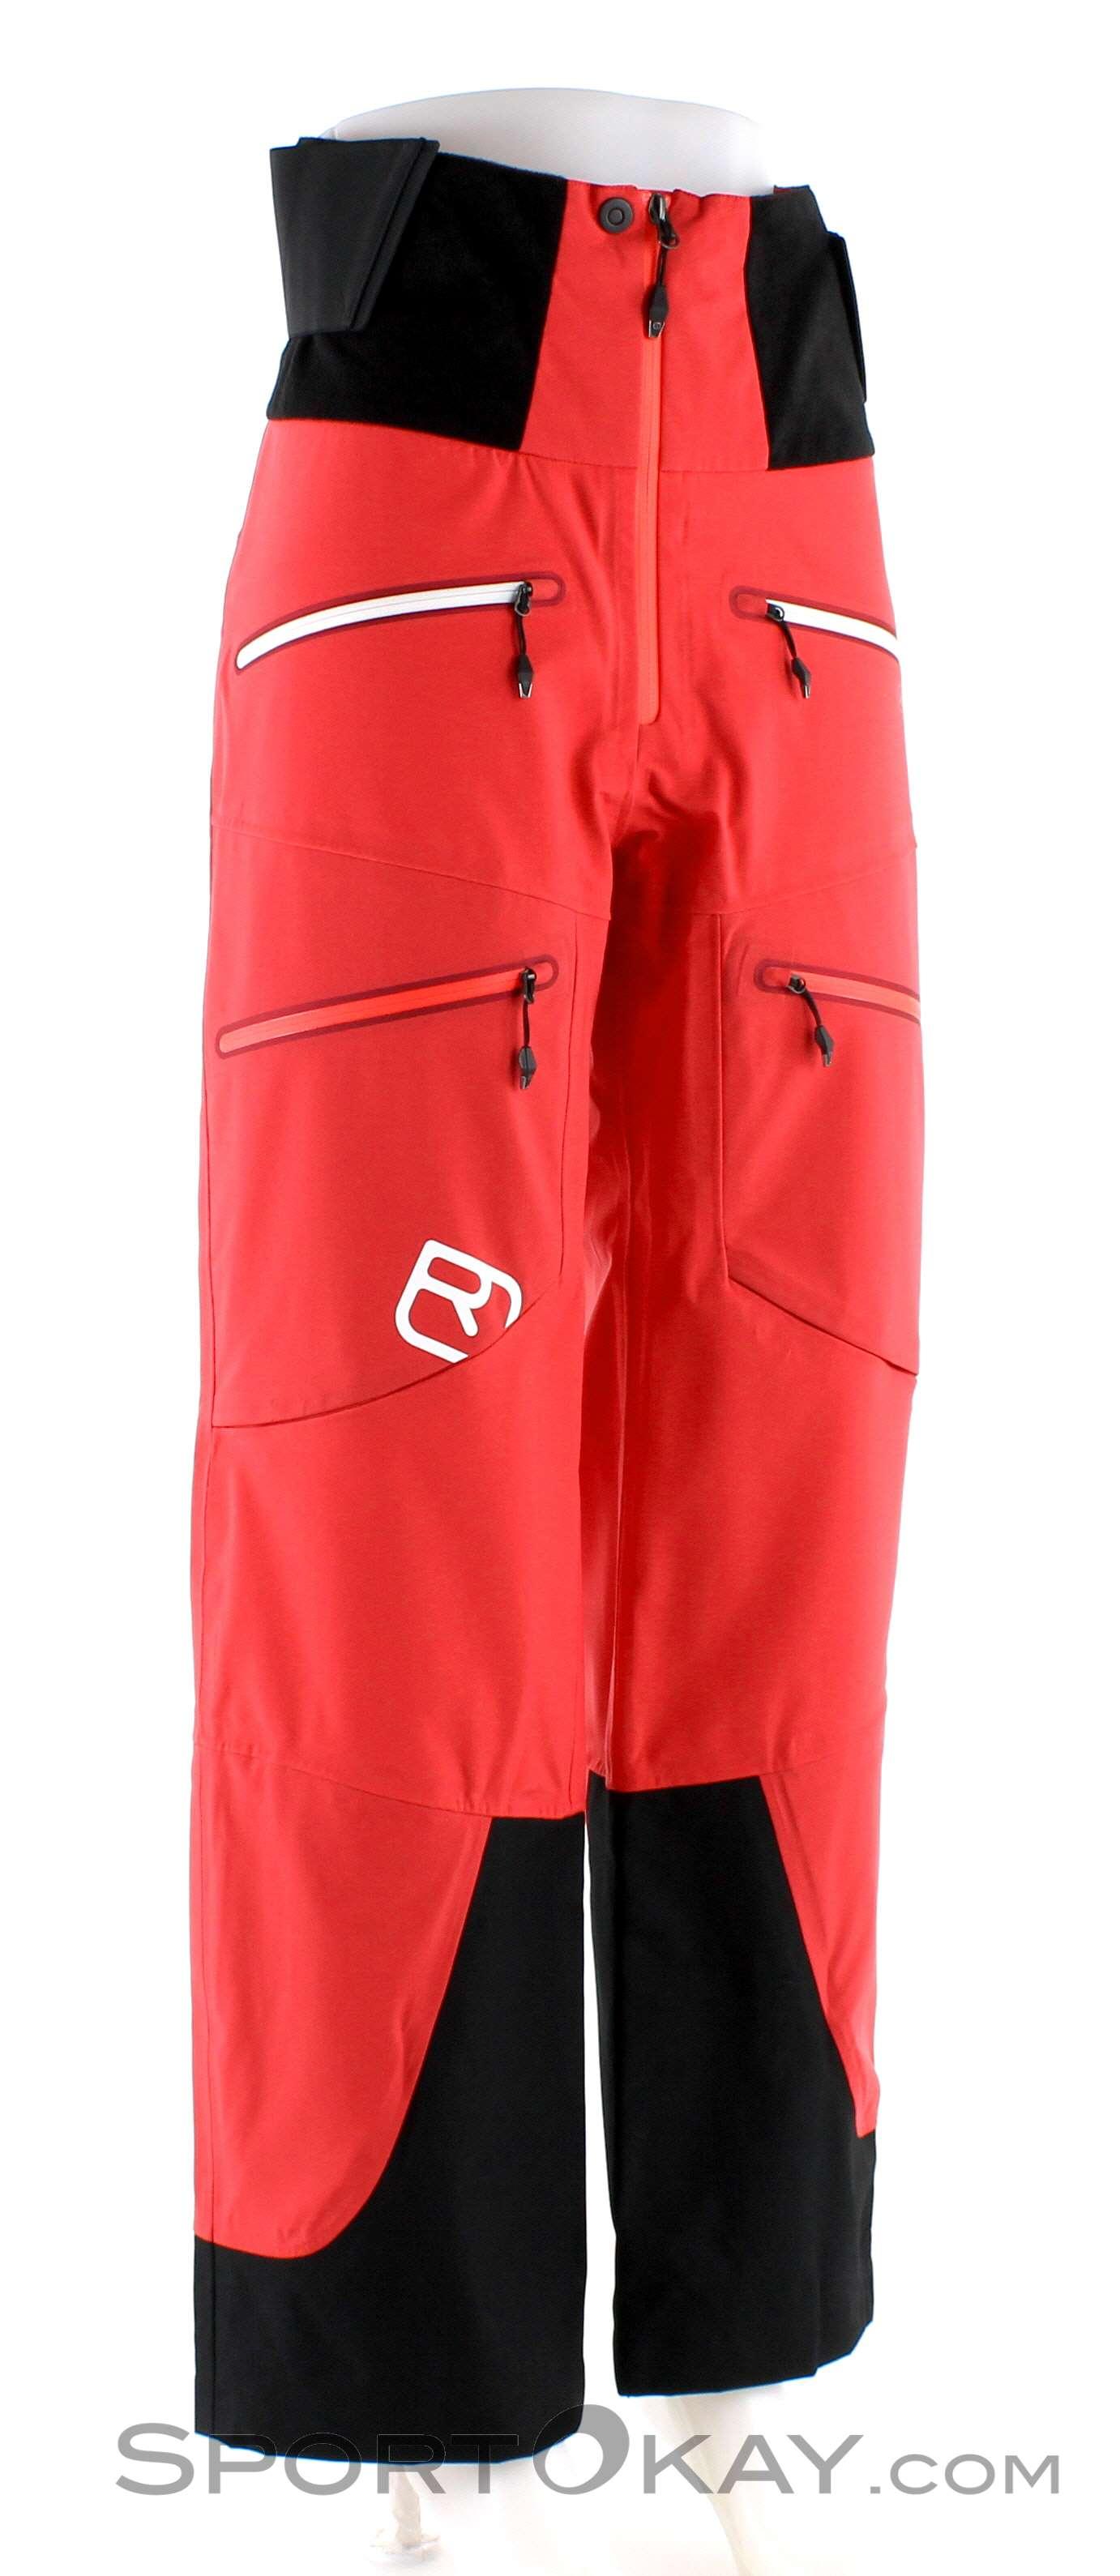 Skihosen Ortovox Damen Pants Guardian Shell Tourenhose 3l tChrdxsQ